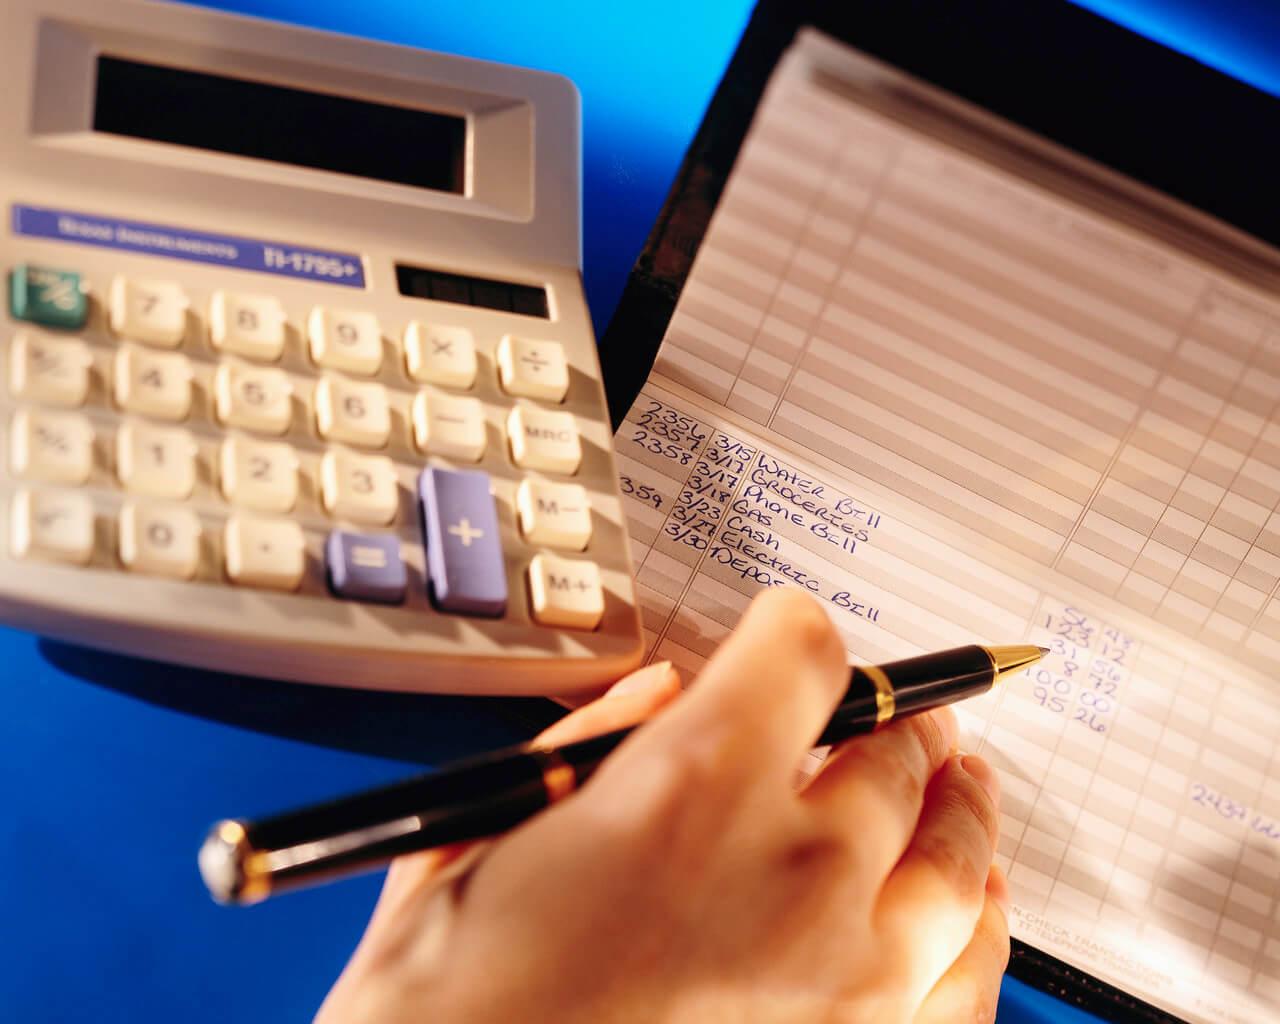 بخشنامه جدید مالیاتی برای صاحبان مشاغل